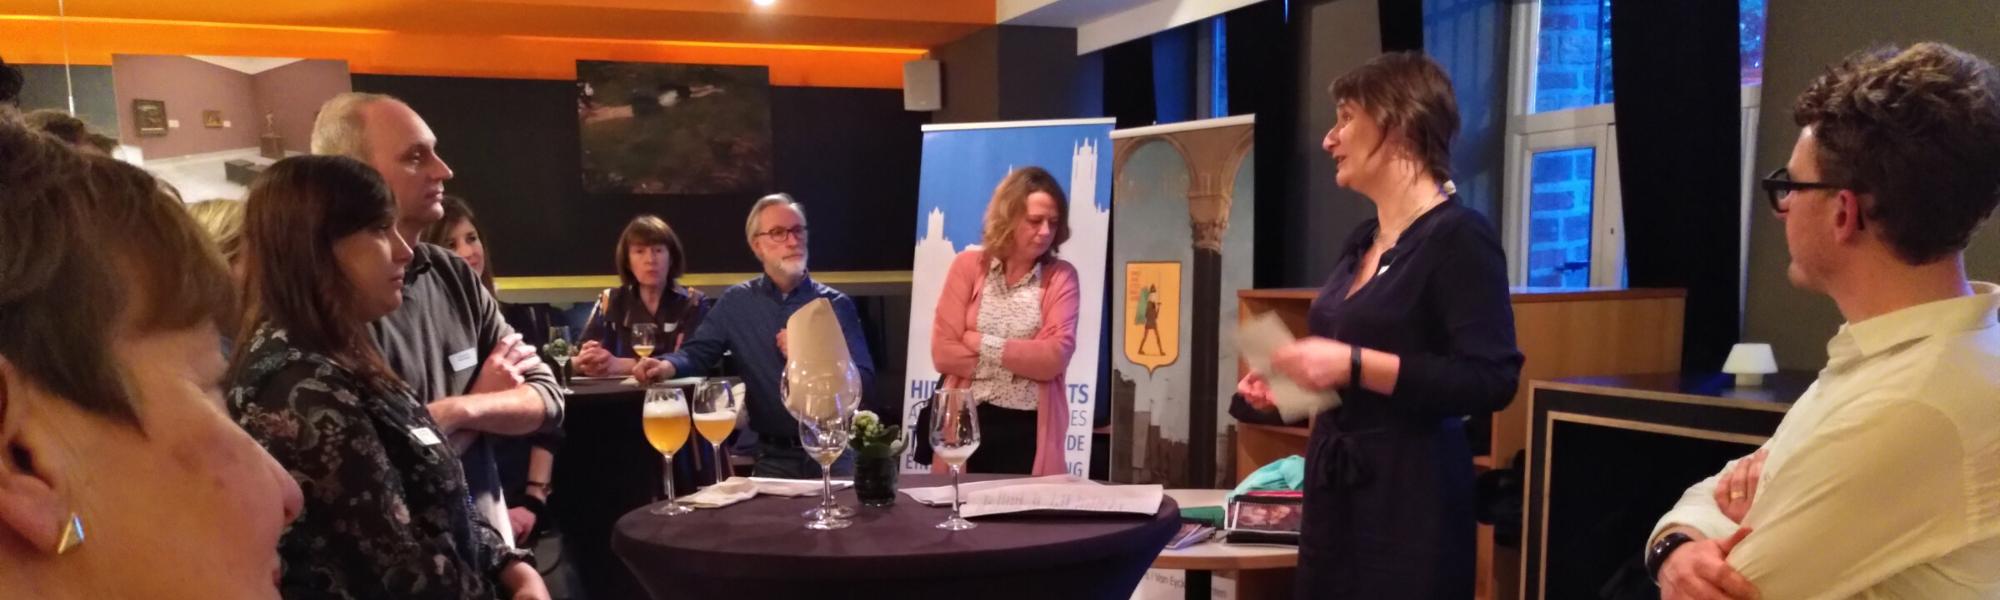 Gentse horeca-ondernemers klaargestoomd voor Van Eycktoerisme in 2020